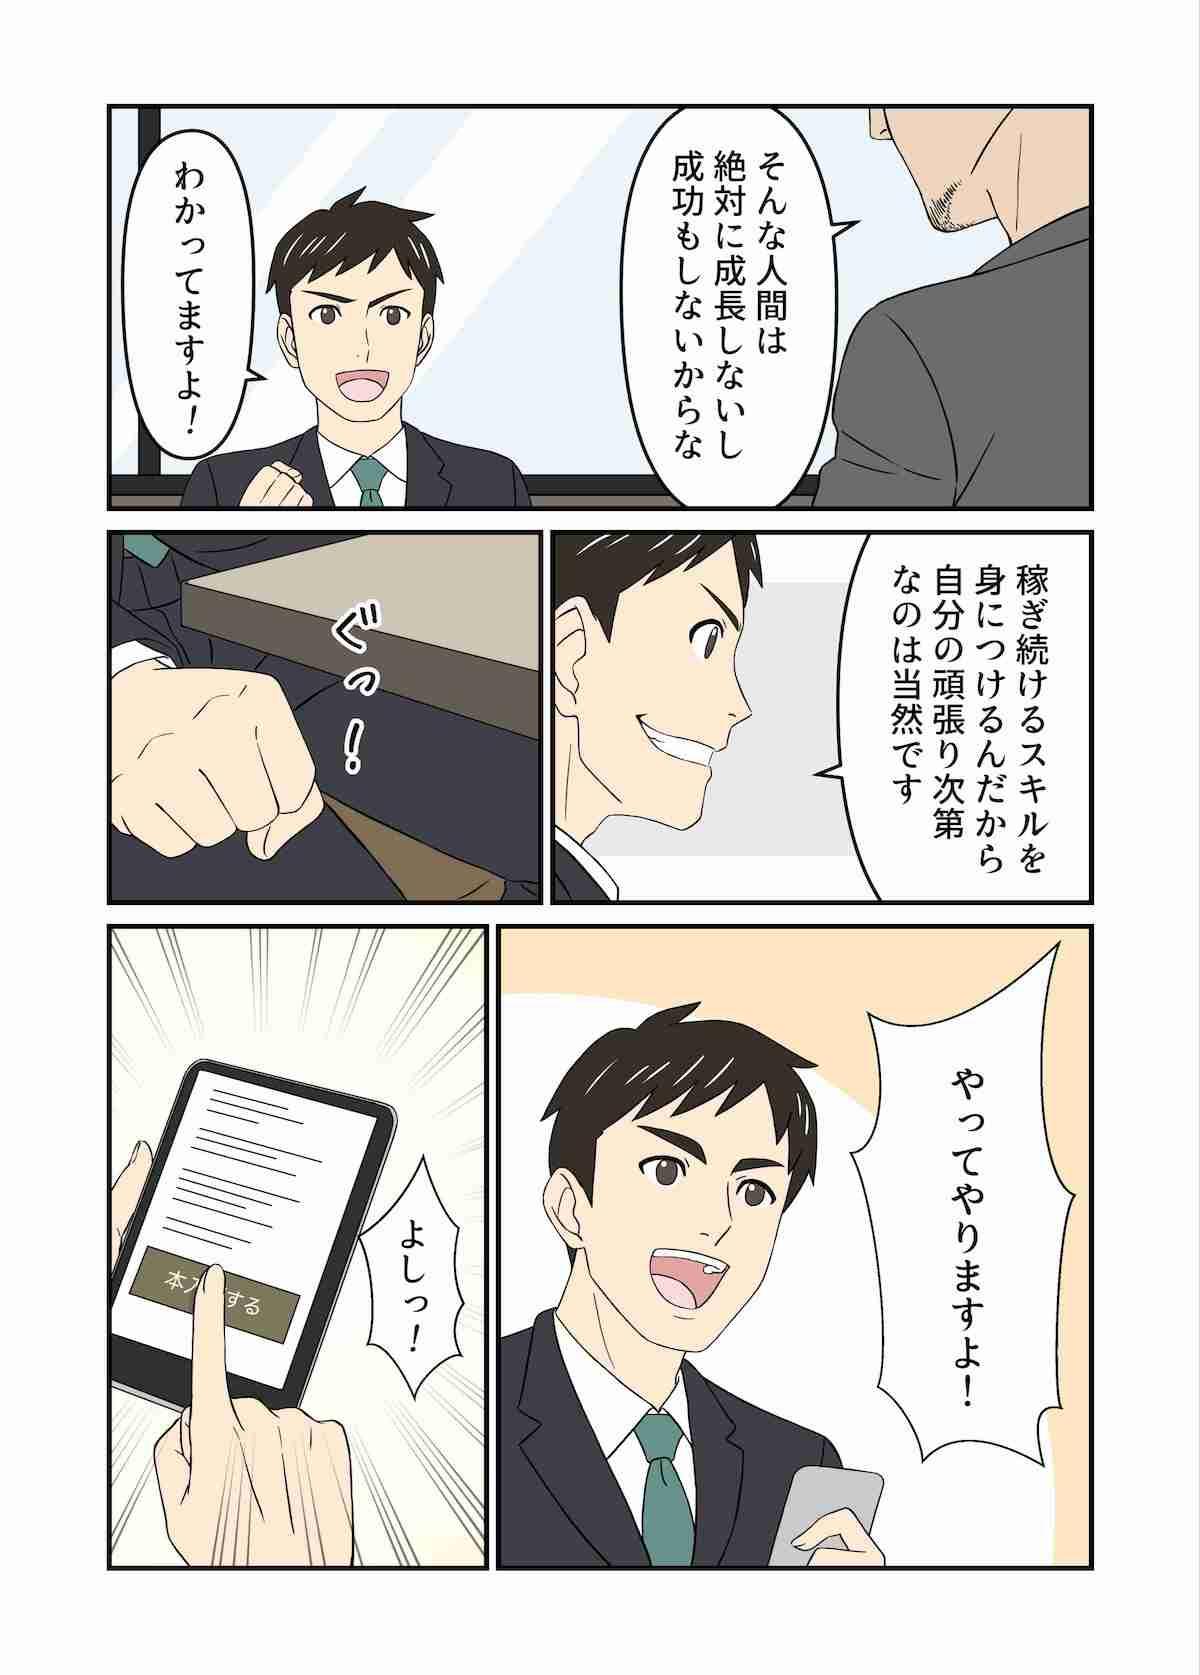 ウェブカツ漫画8ページ目